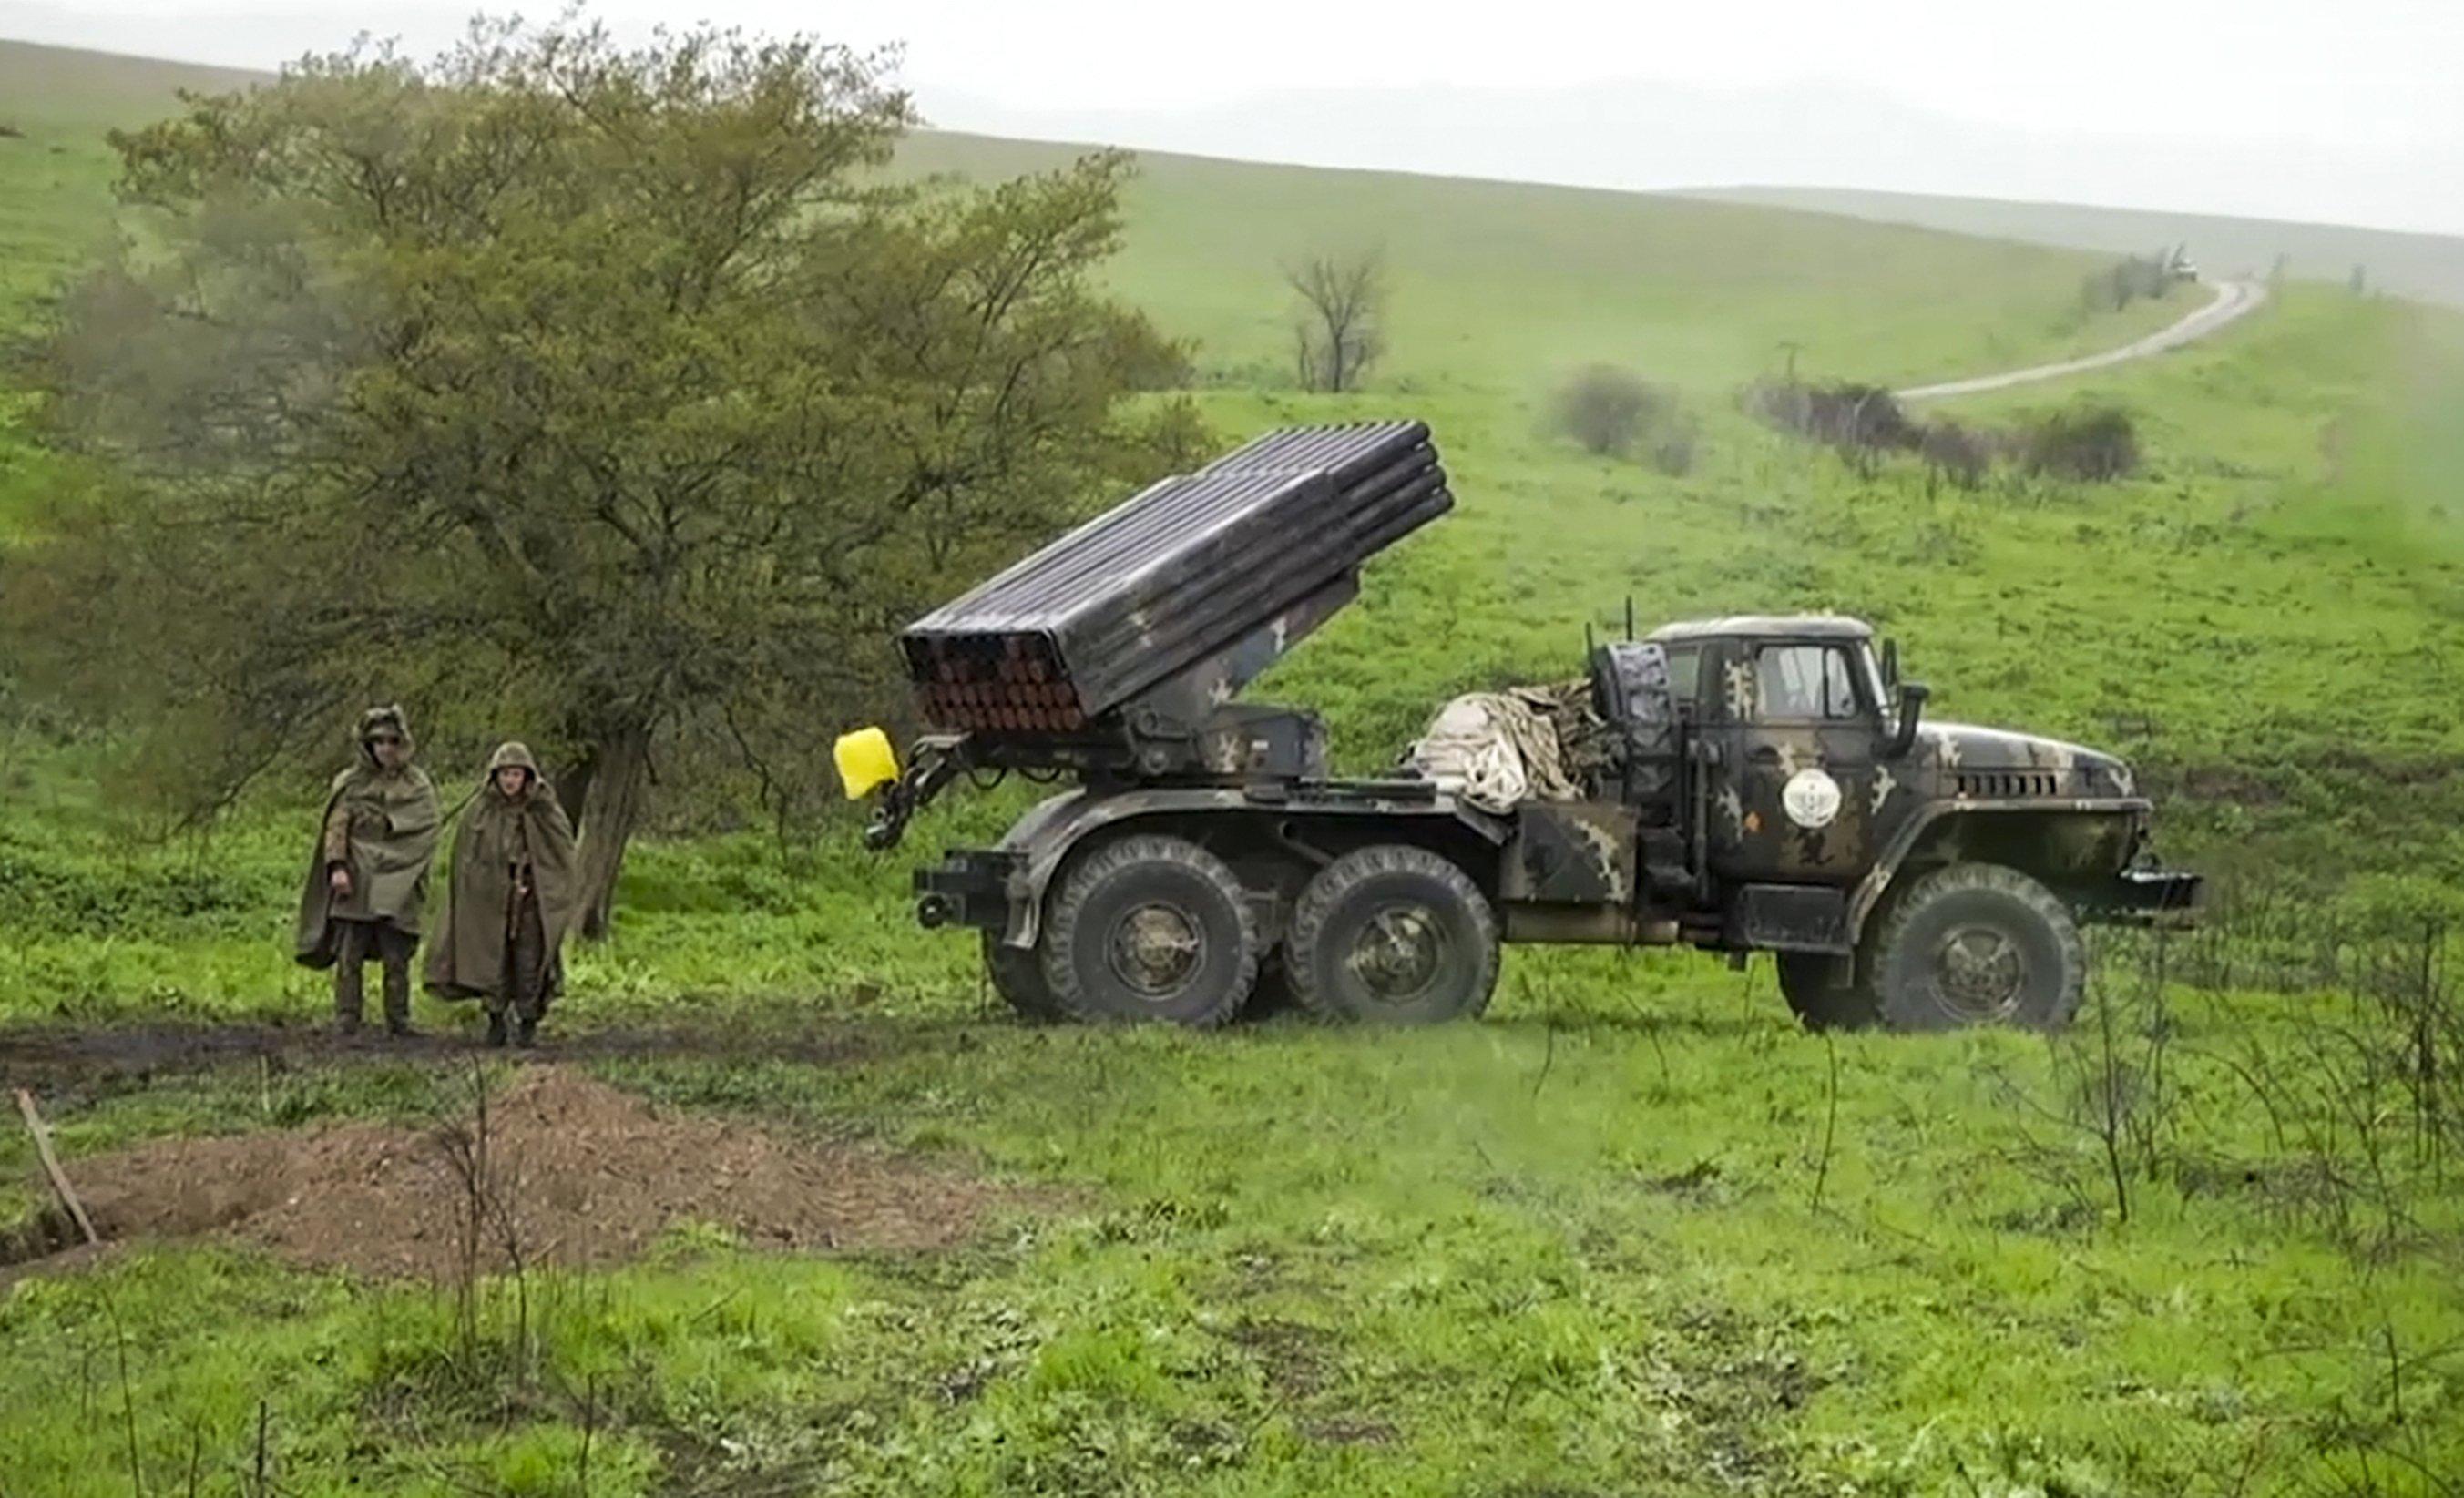 Armenia transfers YPG/PKK terrorists to occupied area to train militias  against Azerbaijan | Daily Sabah